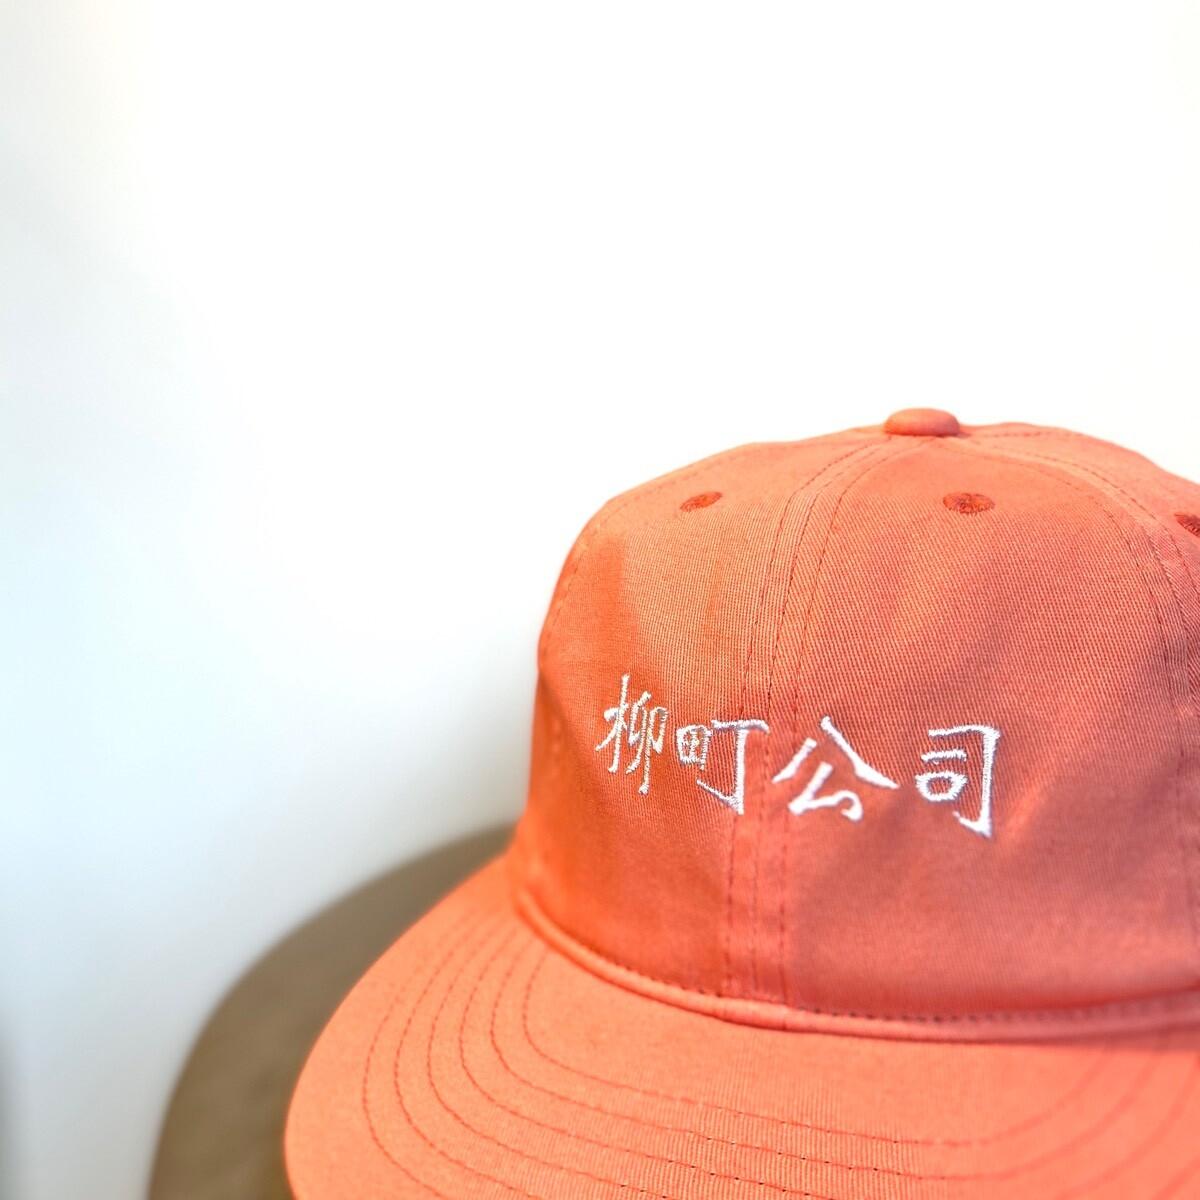 画像1: TACOMA FUJI RECORDS -柳町公司- (1)